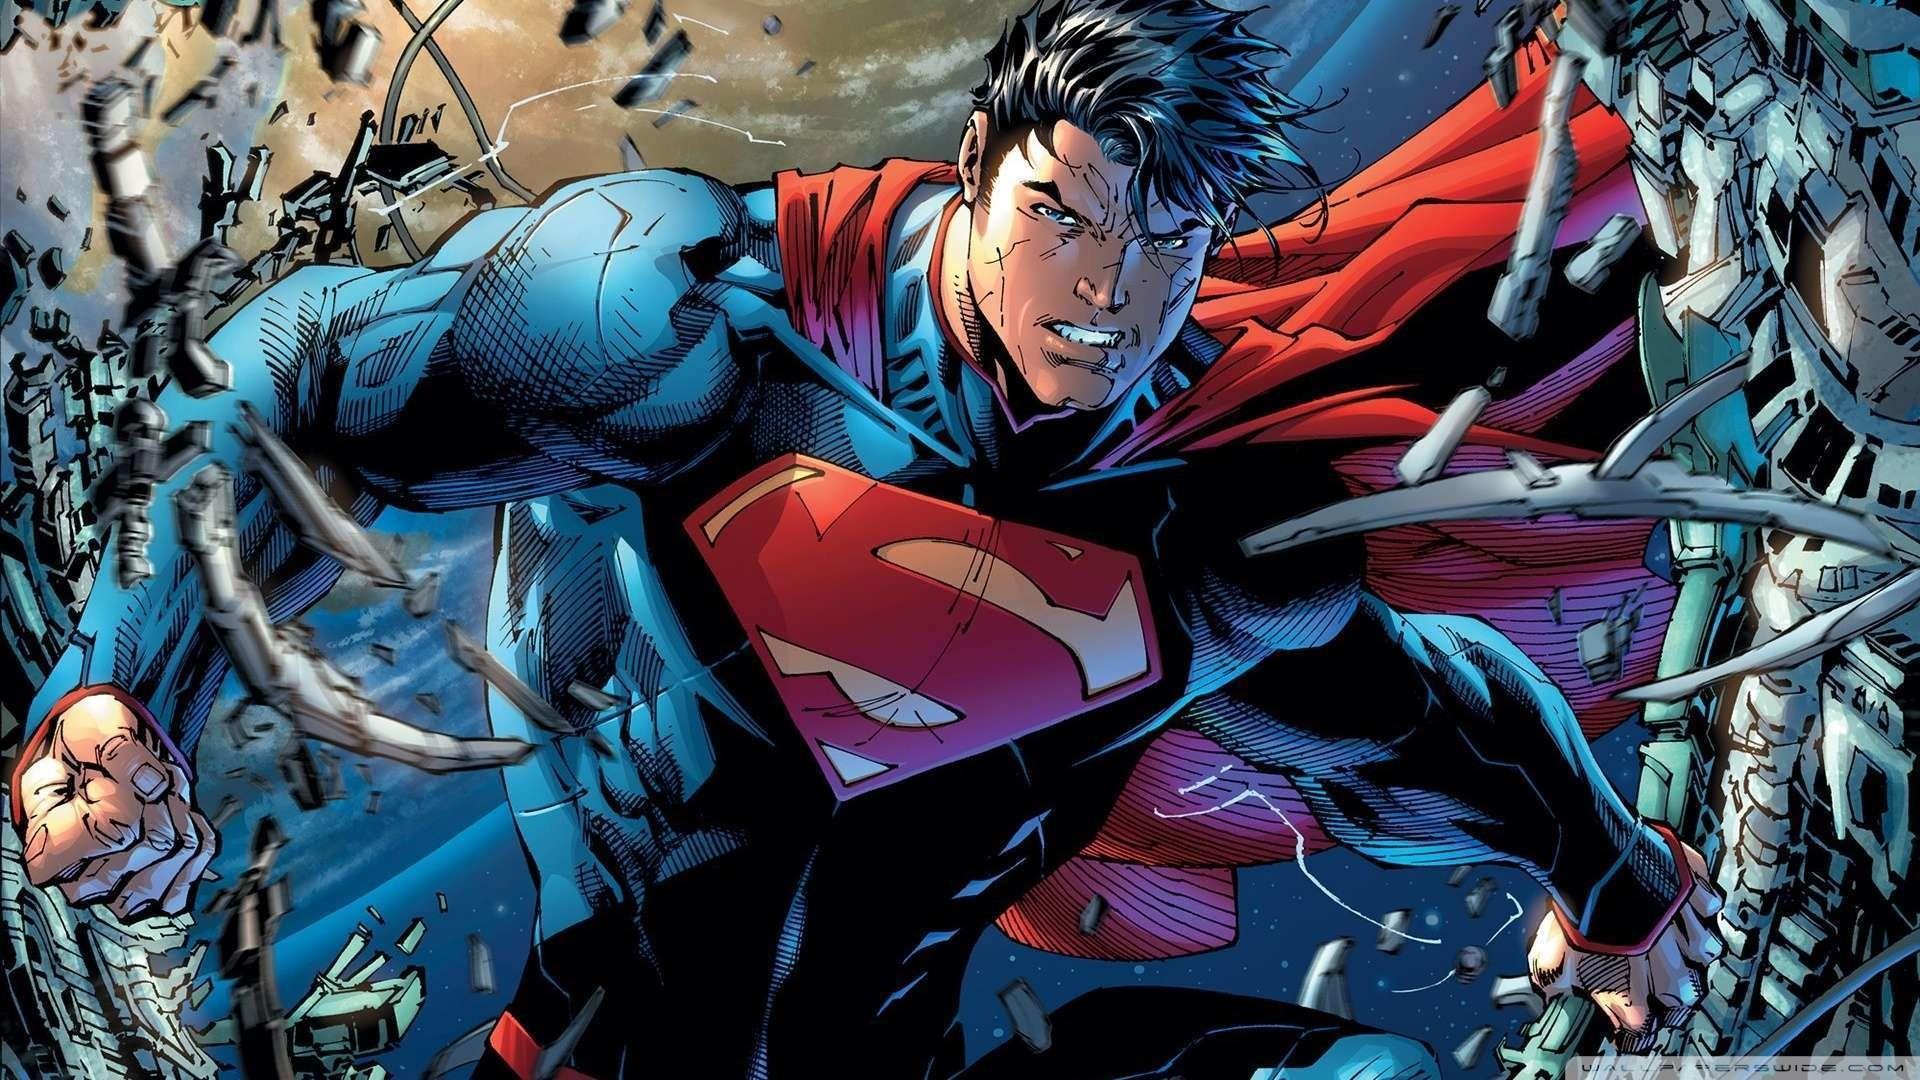 Superman Hd Wallpapers 1080p Wallpapersafari